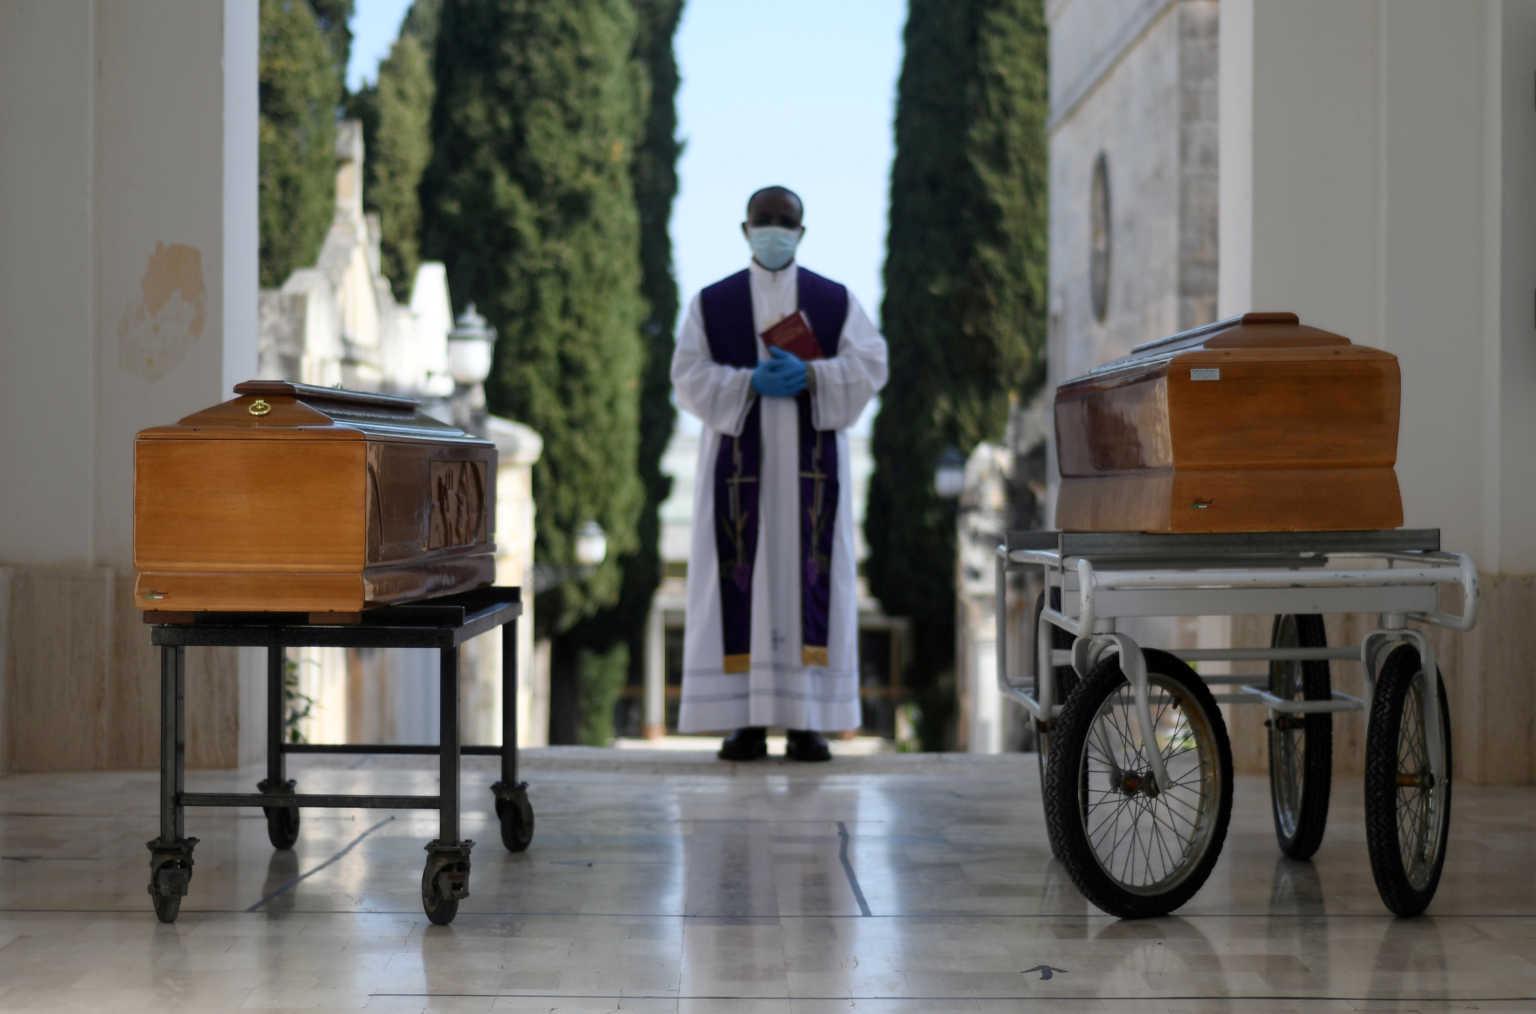 Έρευνα σοκ για νεκρούς και κρούσματα κορονοϊού στην Ιταλία – Ζαλίζουν οι αριθμοί